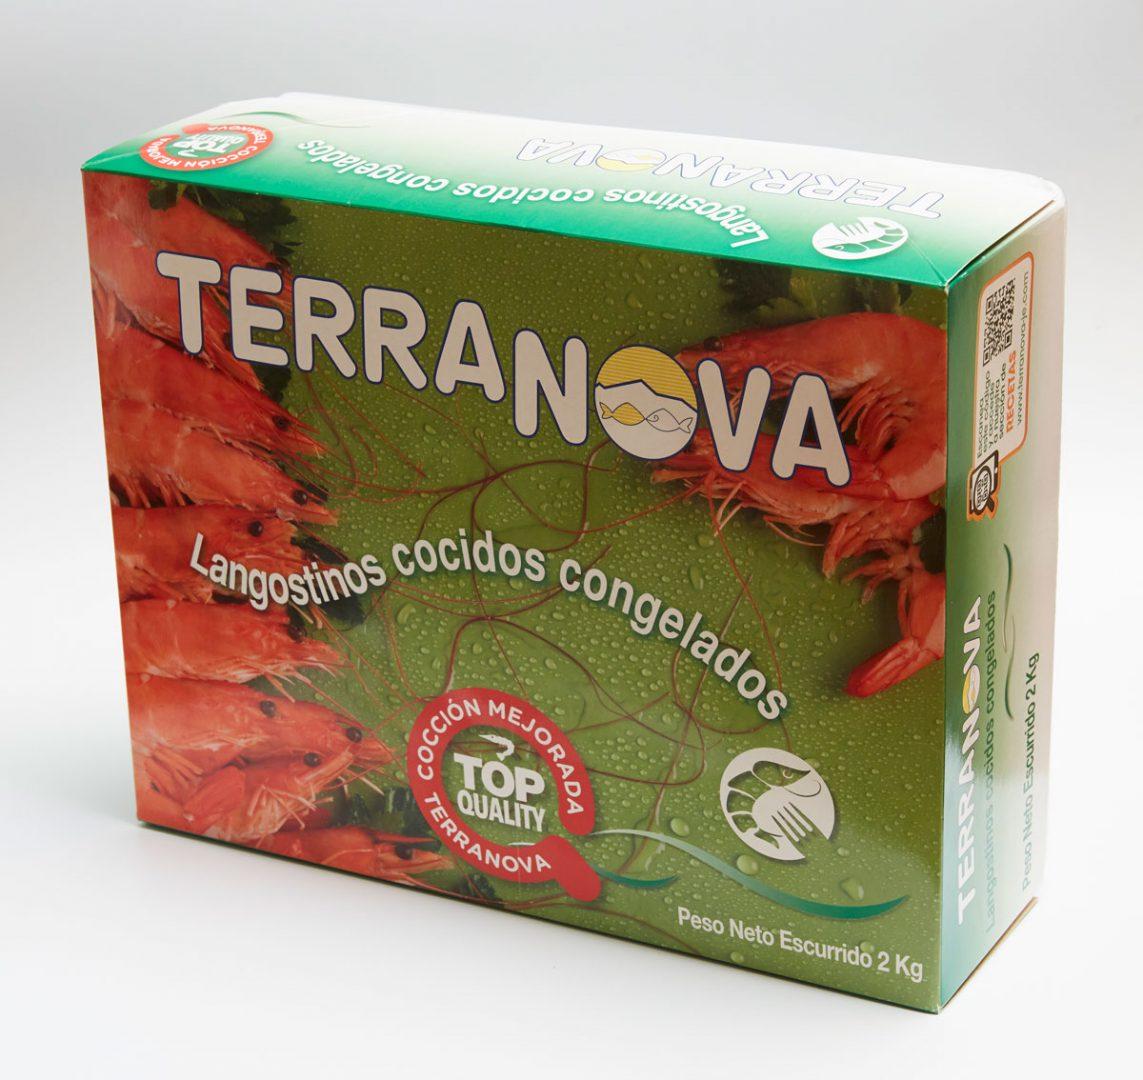 Terranova - Envase de langostinos cocidos congelados